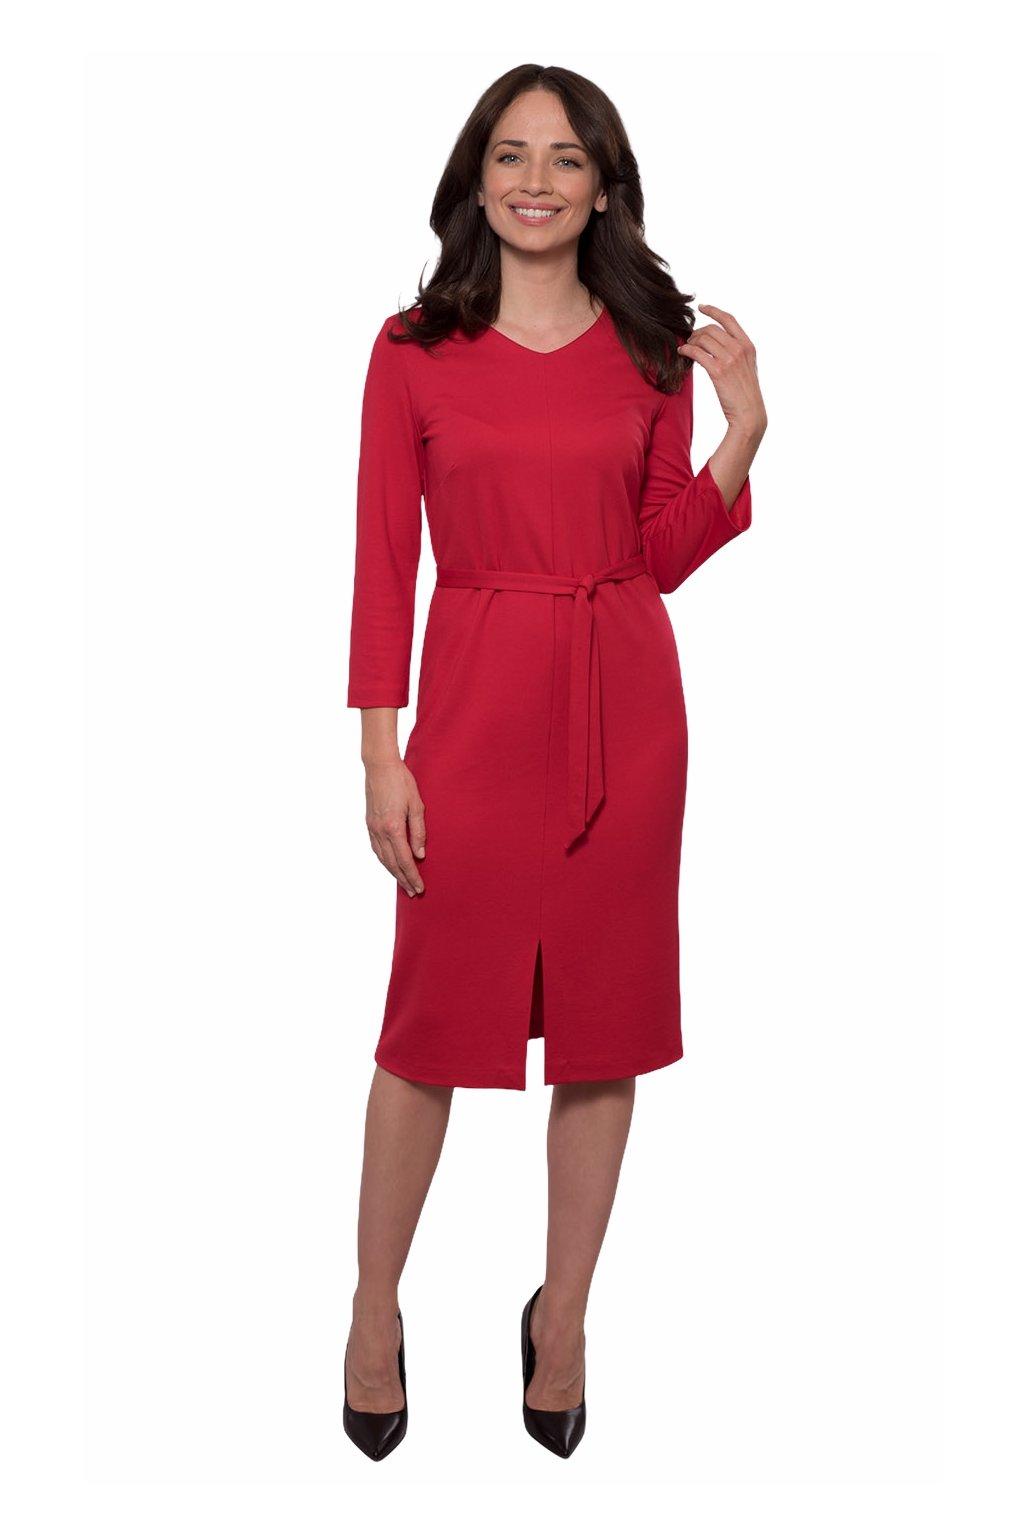 Dámské šaty s 3/4 rukávem, 105133 250, červená